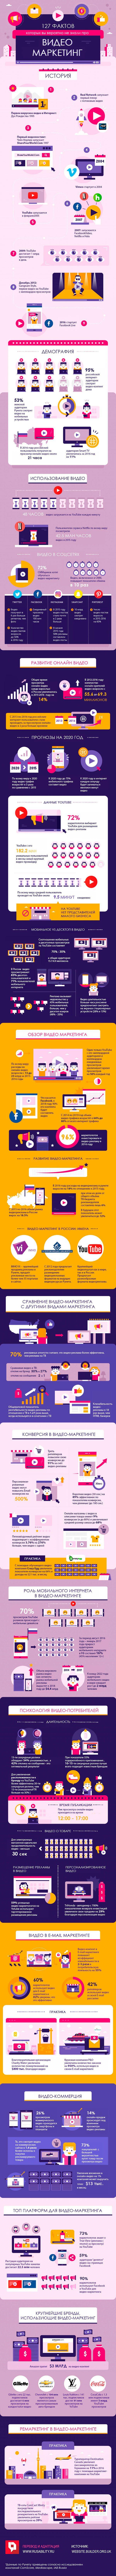 127 фактов о видеомаркетинге, которые вы должны знать. Инфографика - Rusability